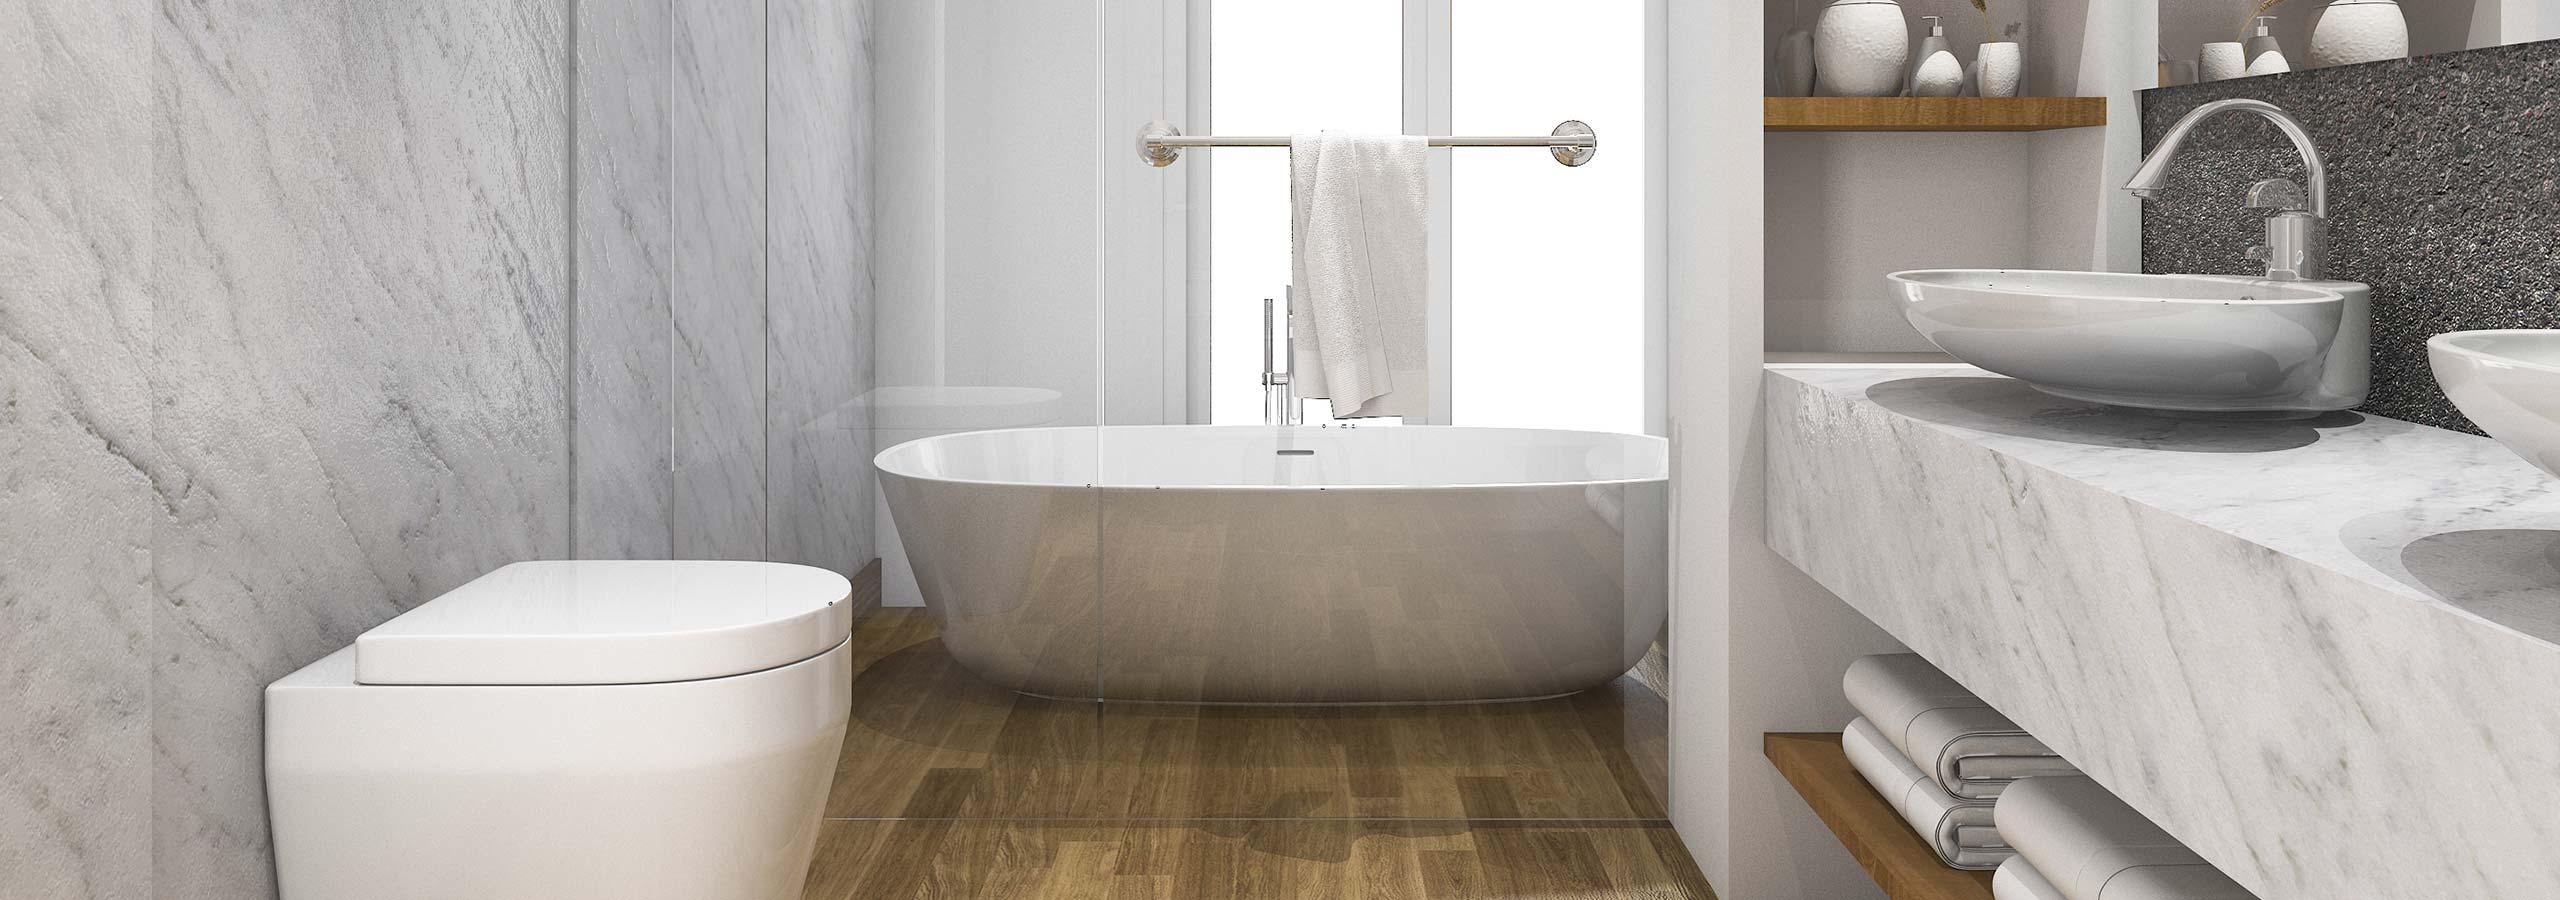 badkamer verbouwen door de installateur uit schinnen